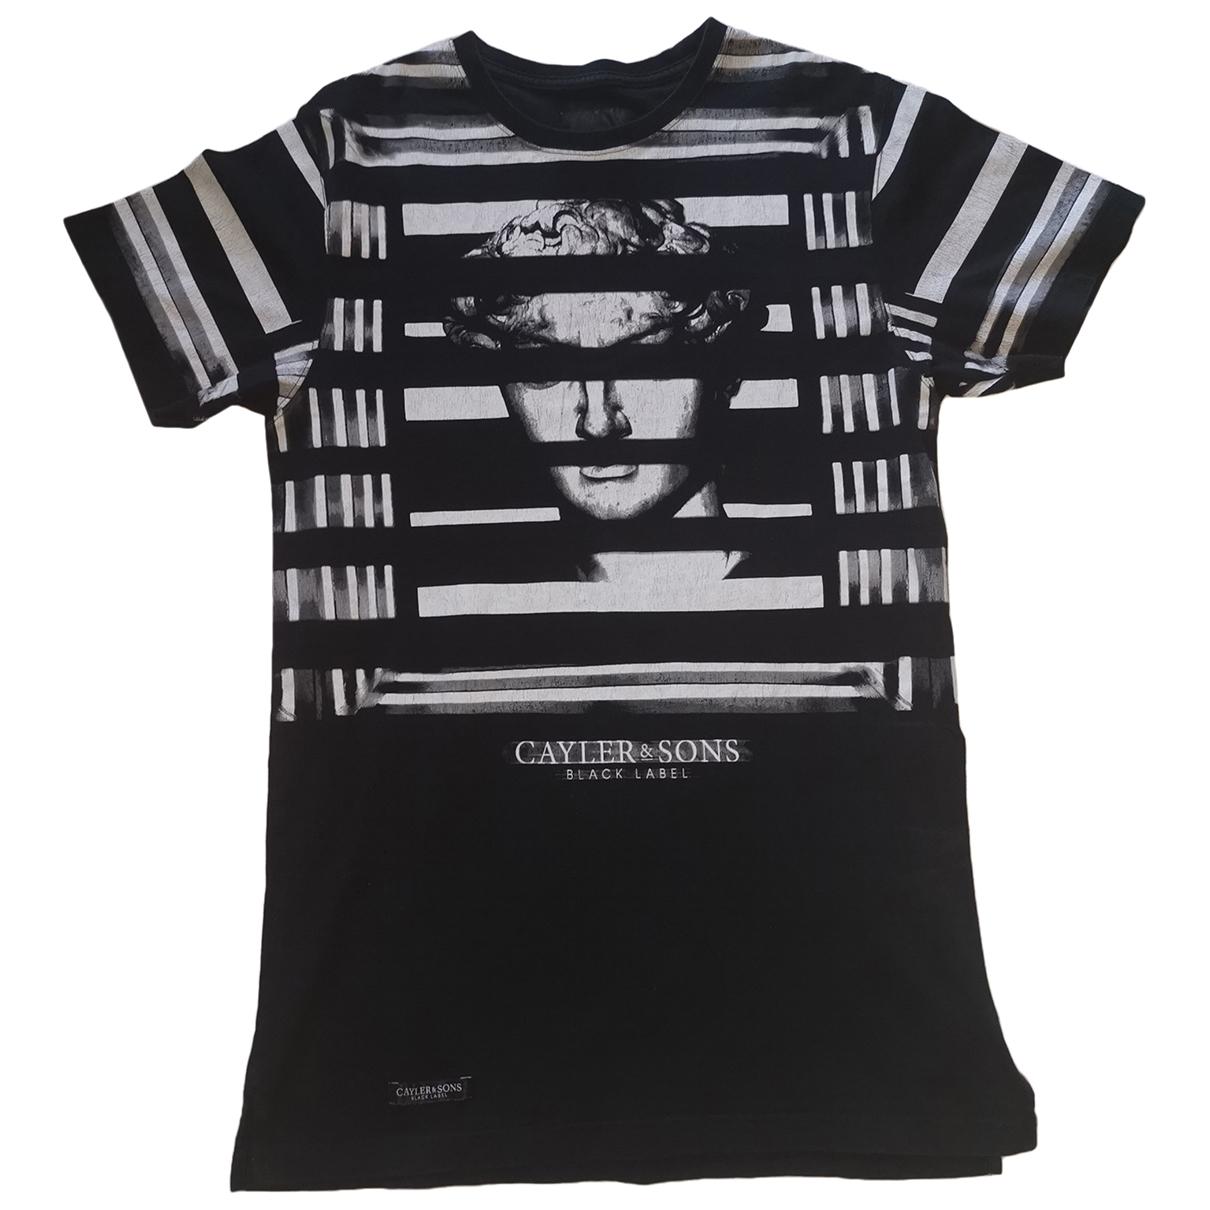 Cayler & Sons - Tee shirts   pour homme en coton - multicolore